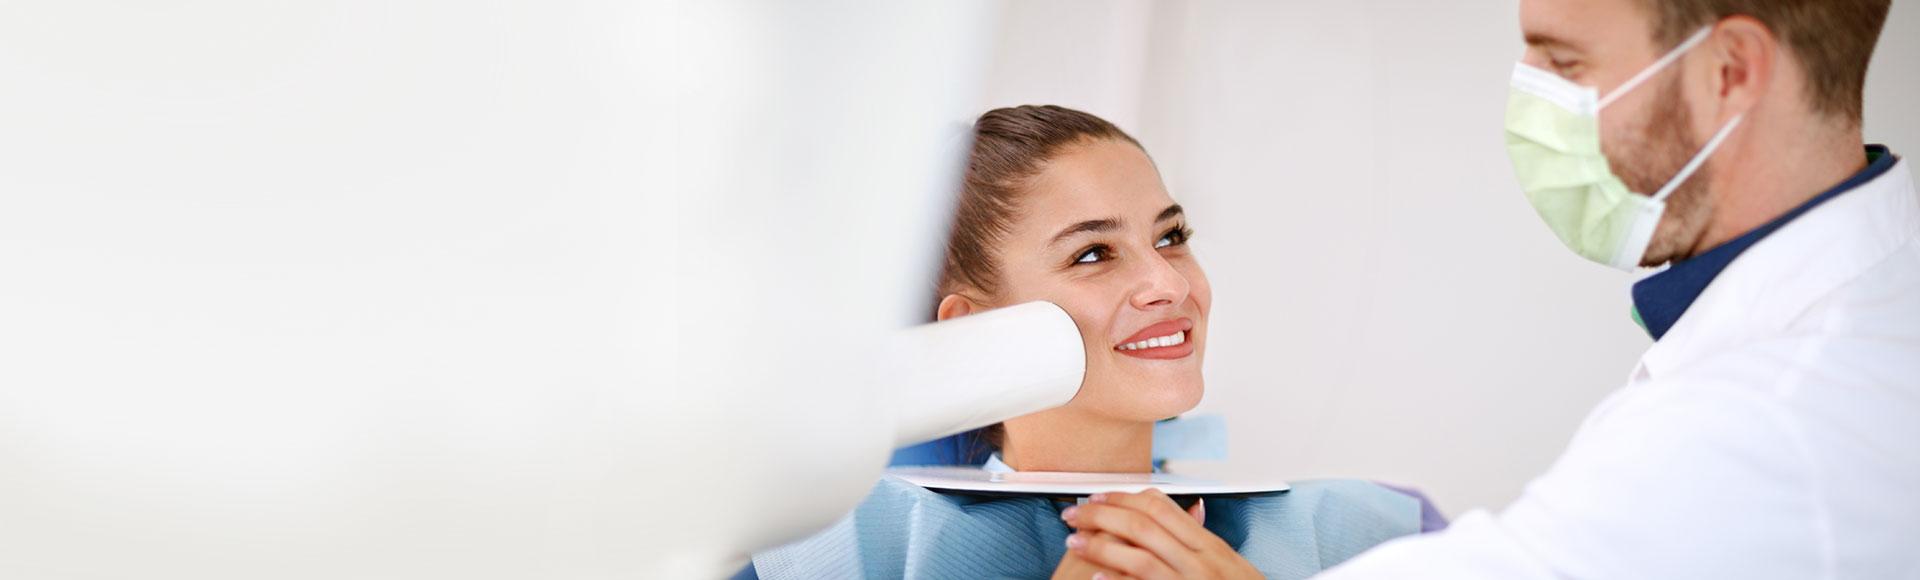 Wurzelbehandlung Zahnarzt Altona Zahnschmerzen Endodontie